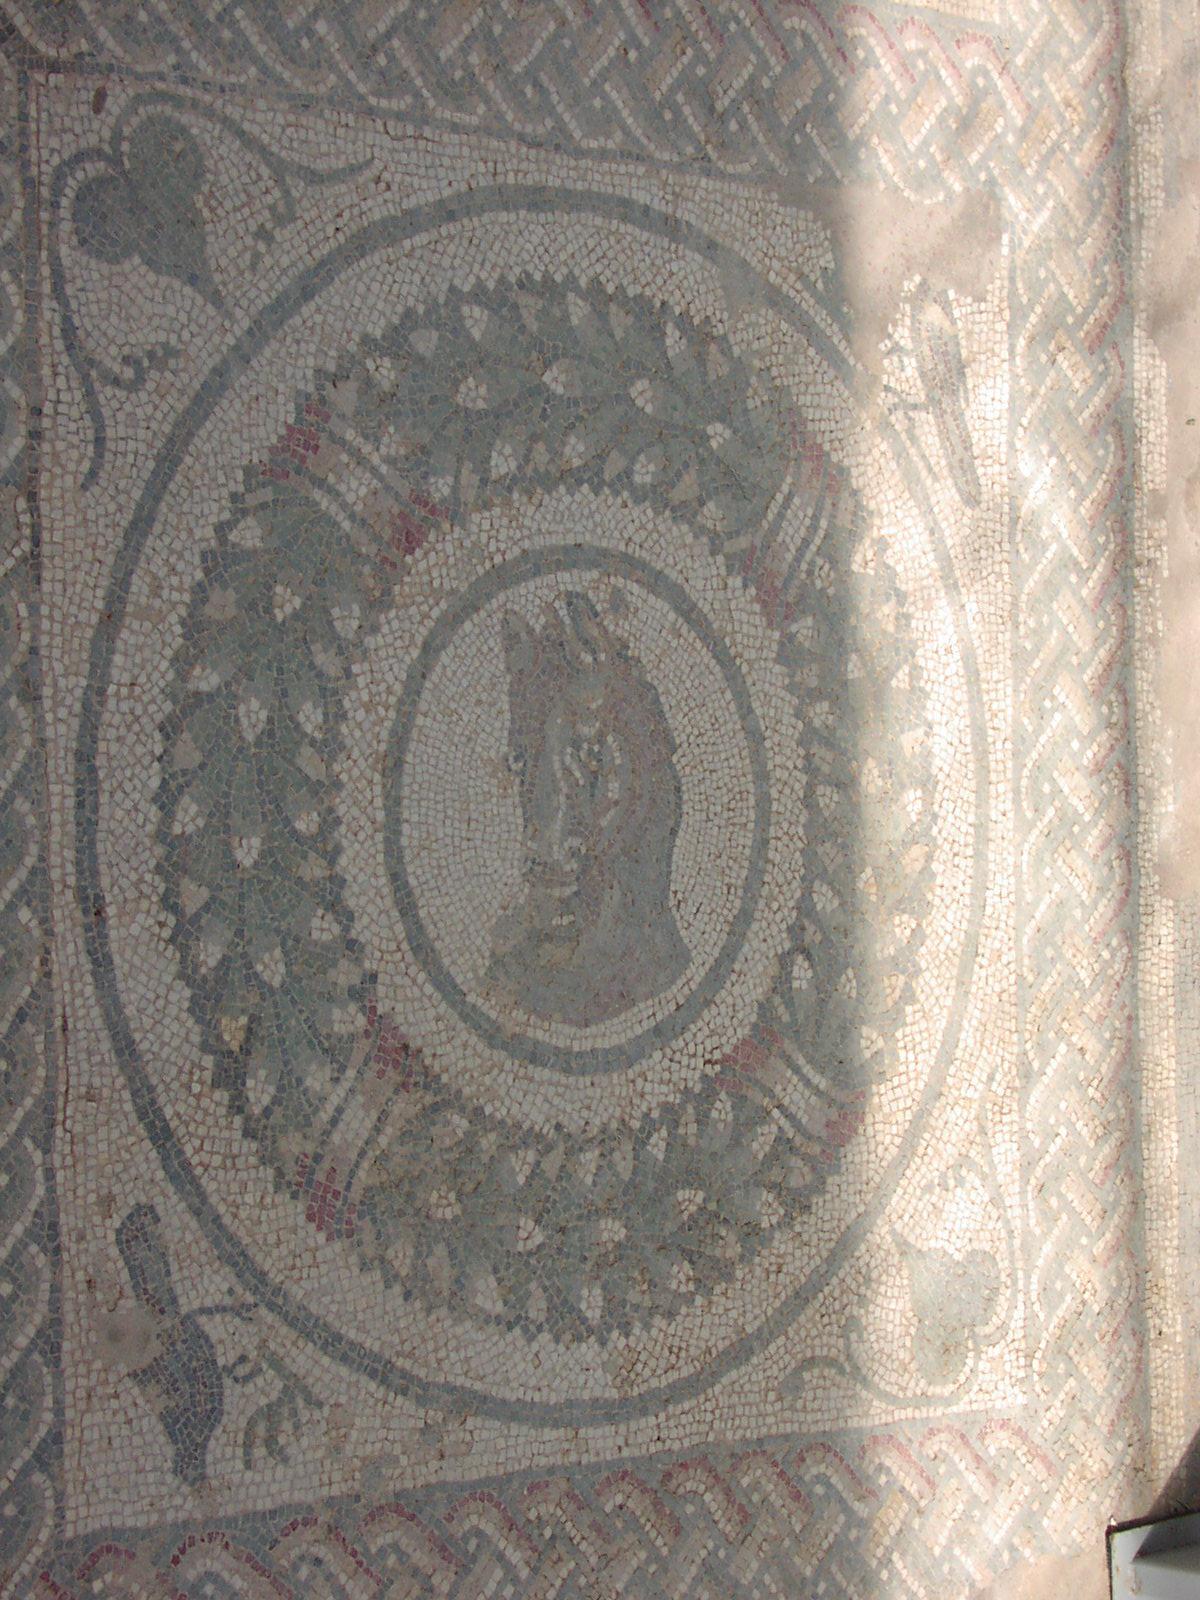 Villa Romana del Casale - p1010218